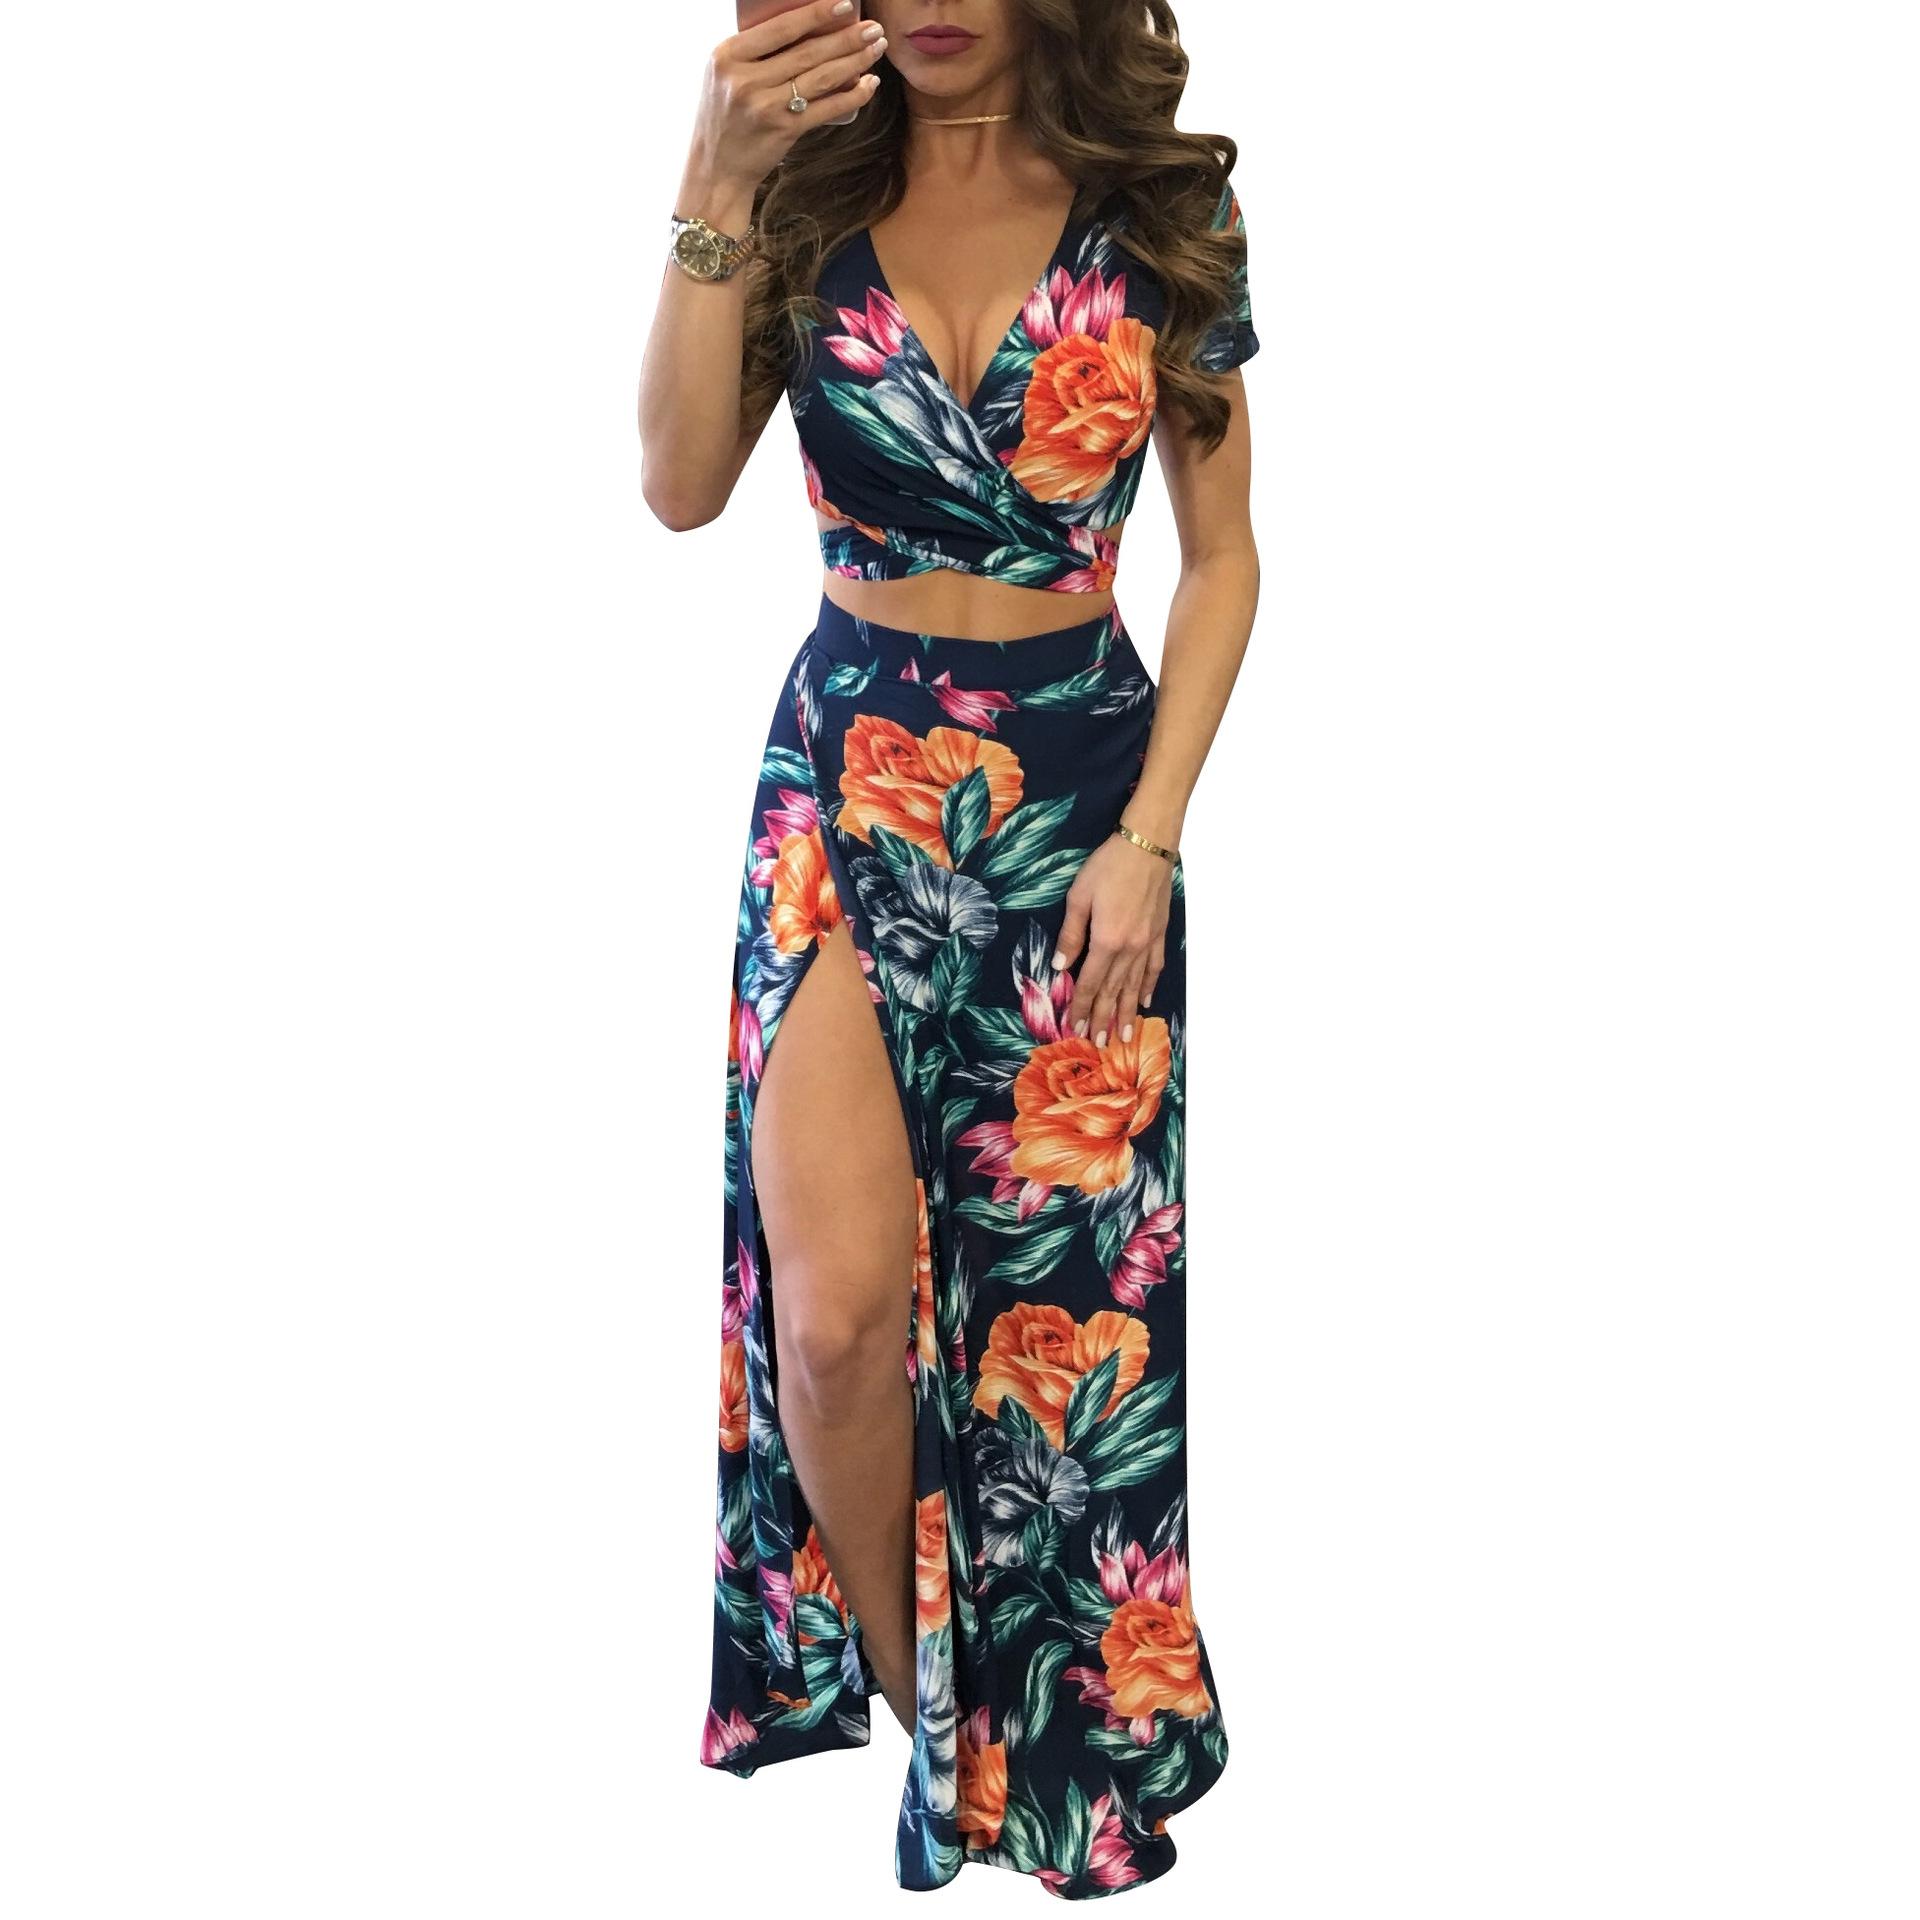 a7e48cf5435 2019 Women Summer Floral High Slit Long Dress Printed Maxi Beach ...